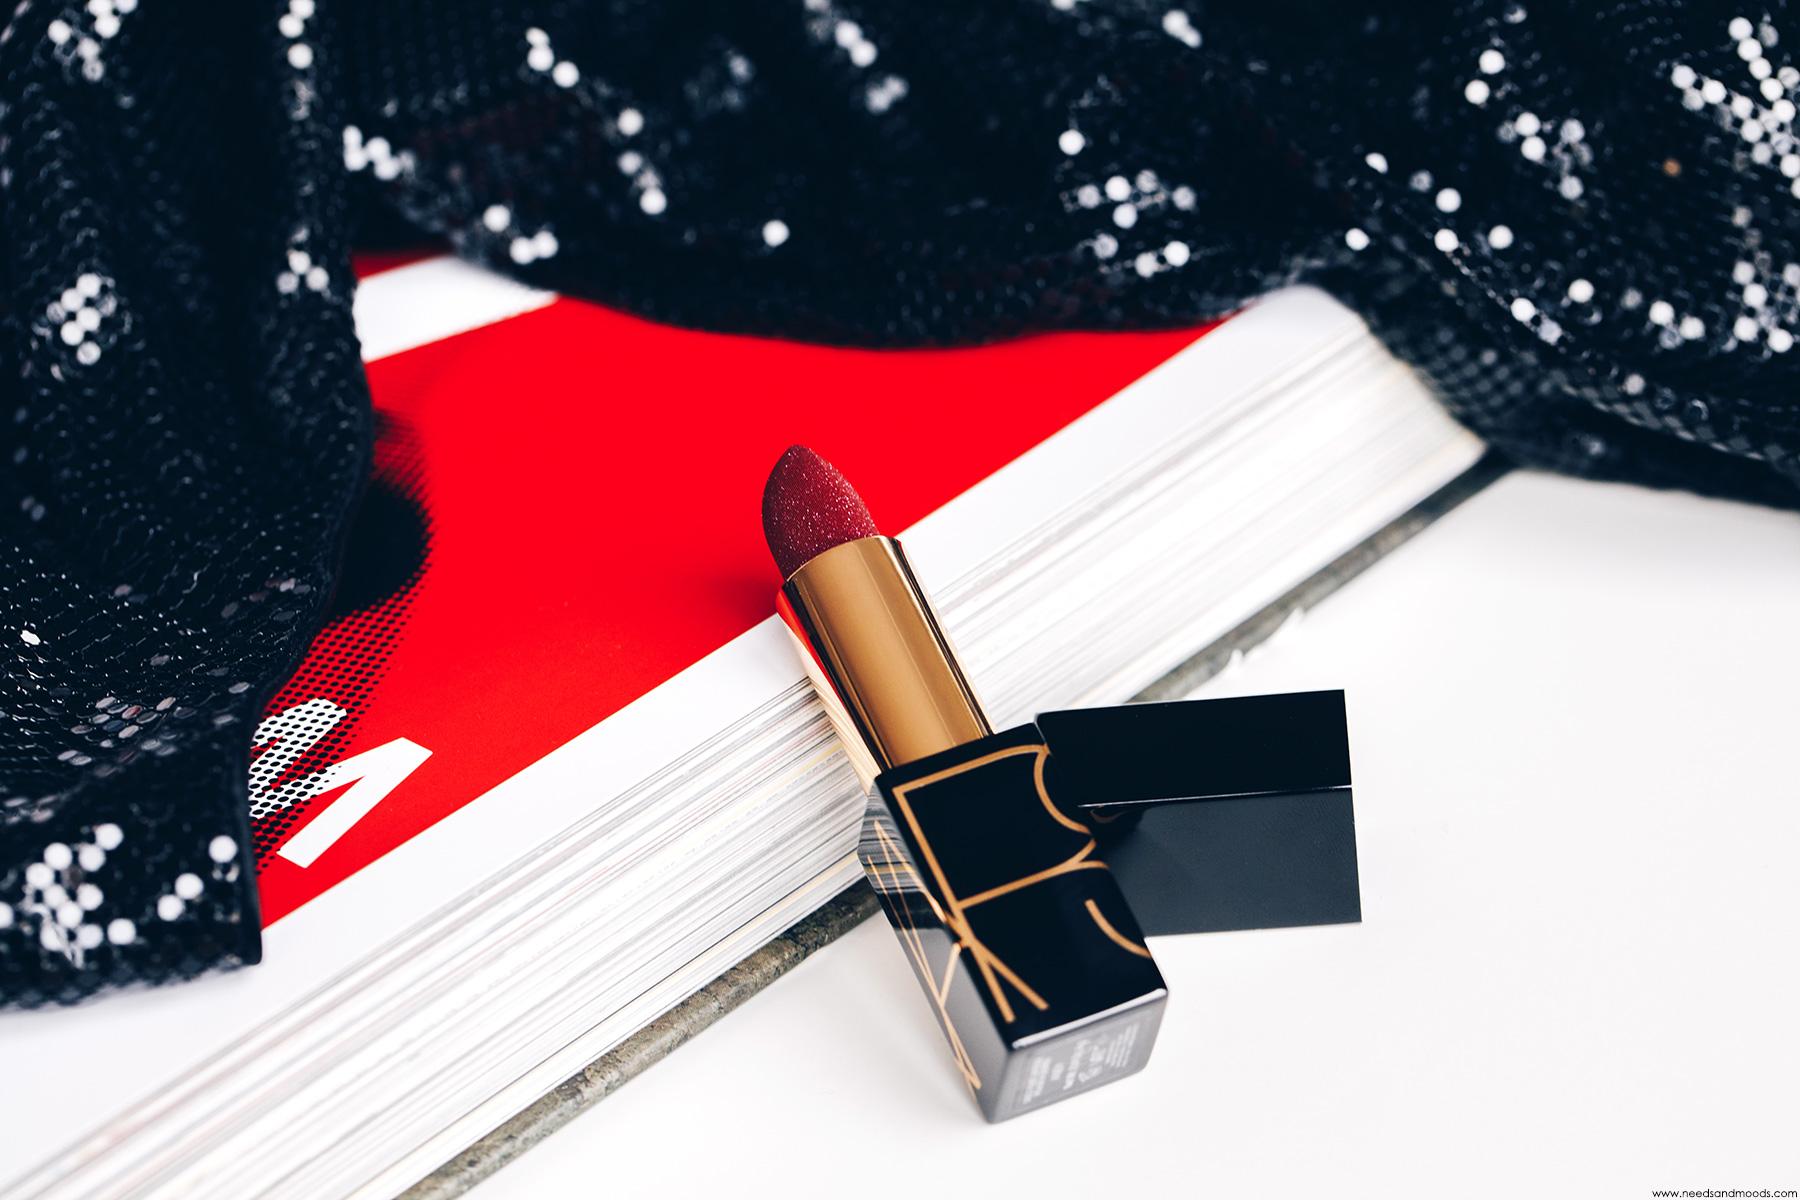 nars studio 54 disco dust lipstick lisa